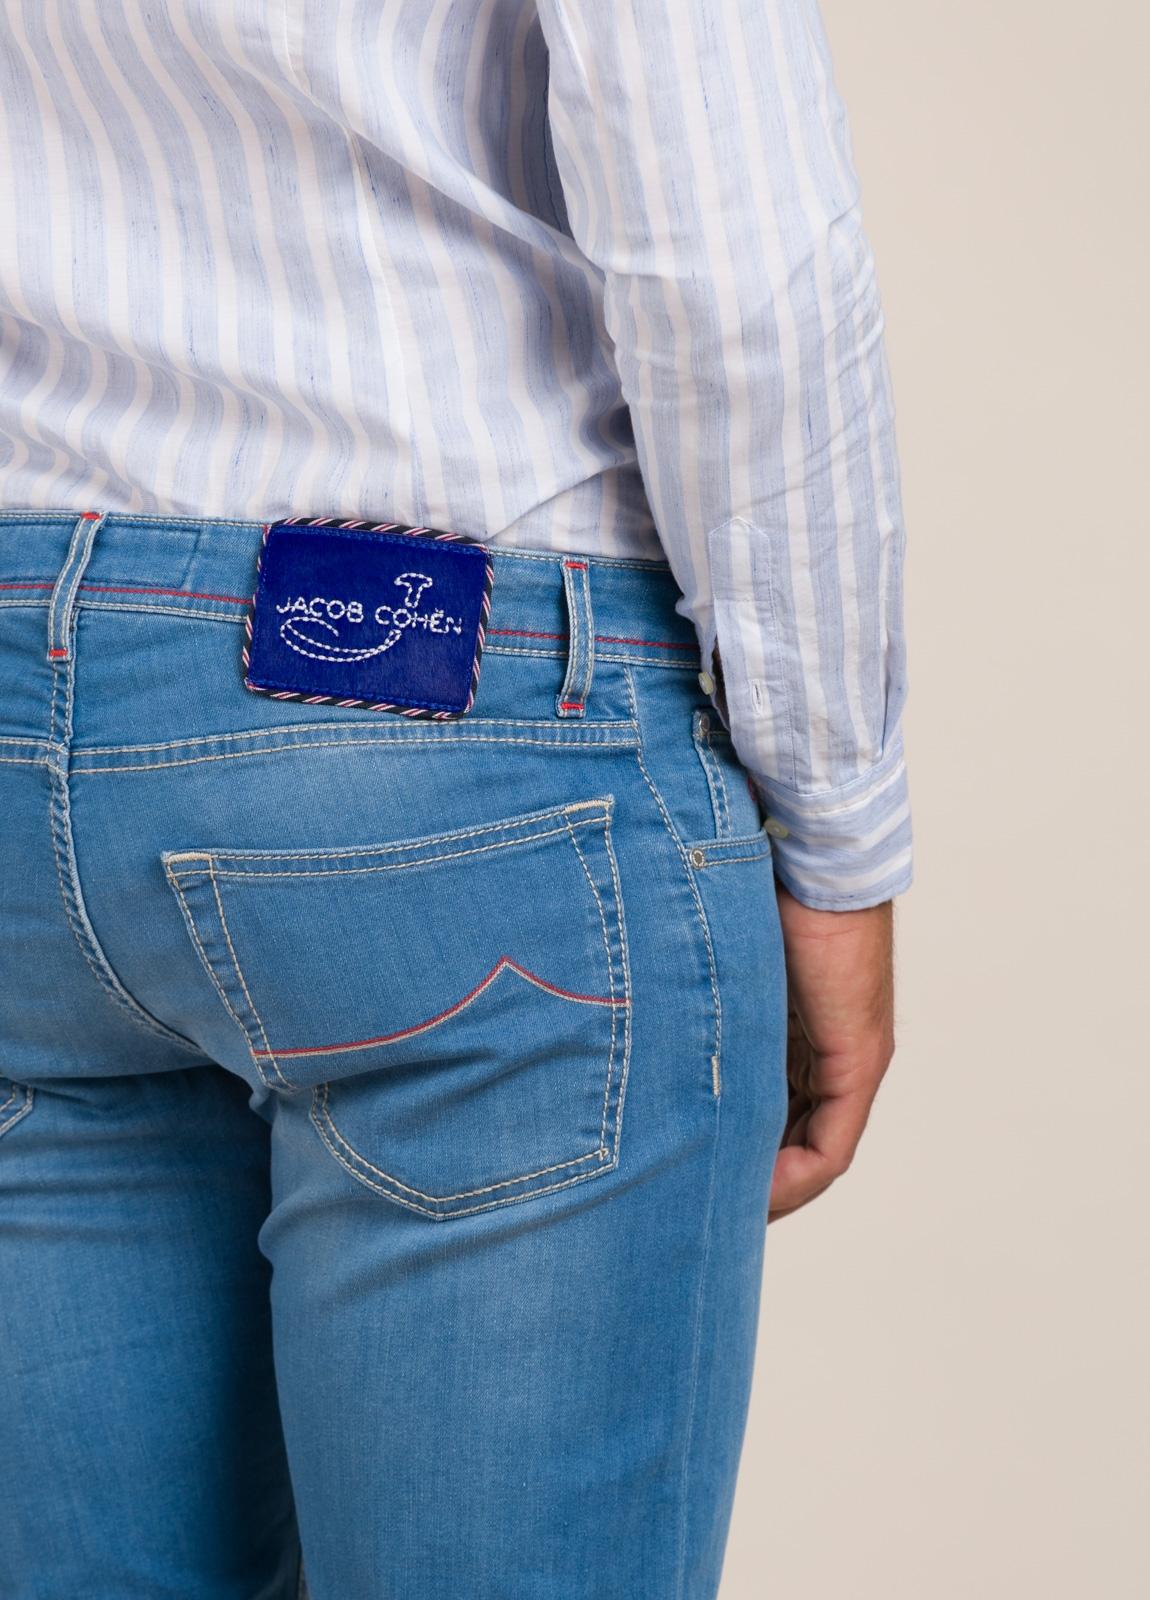 Pantalón tejano JACOB COHEN azul medio - Ítem5